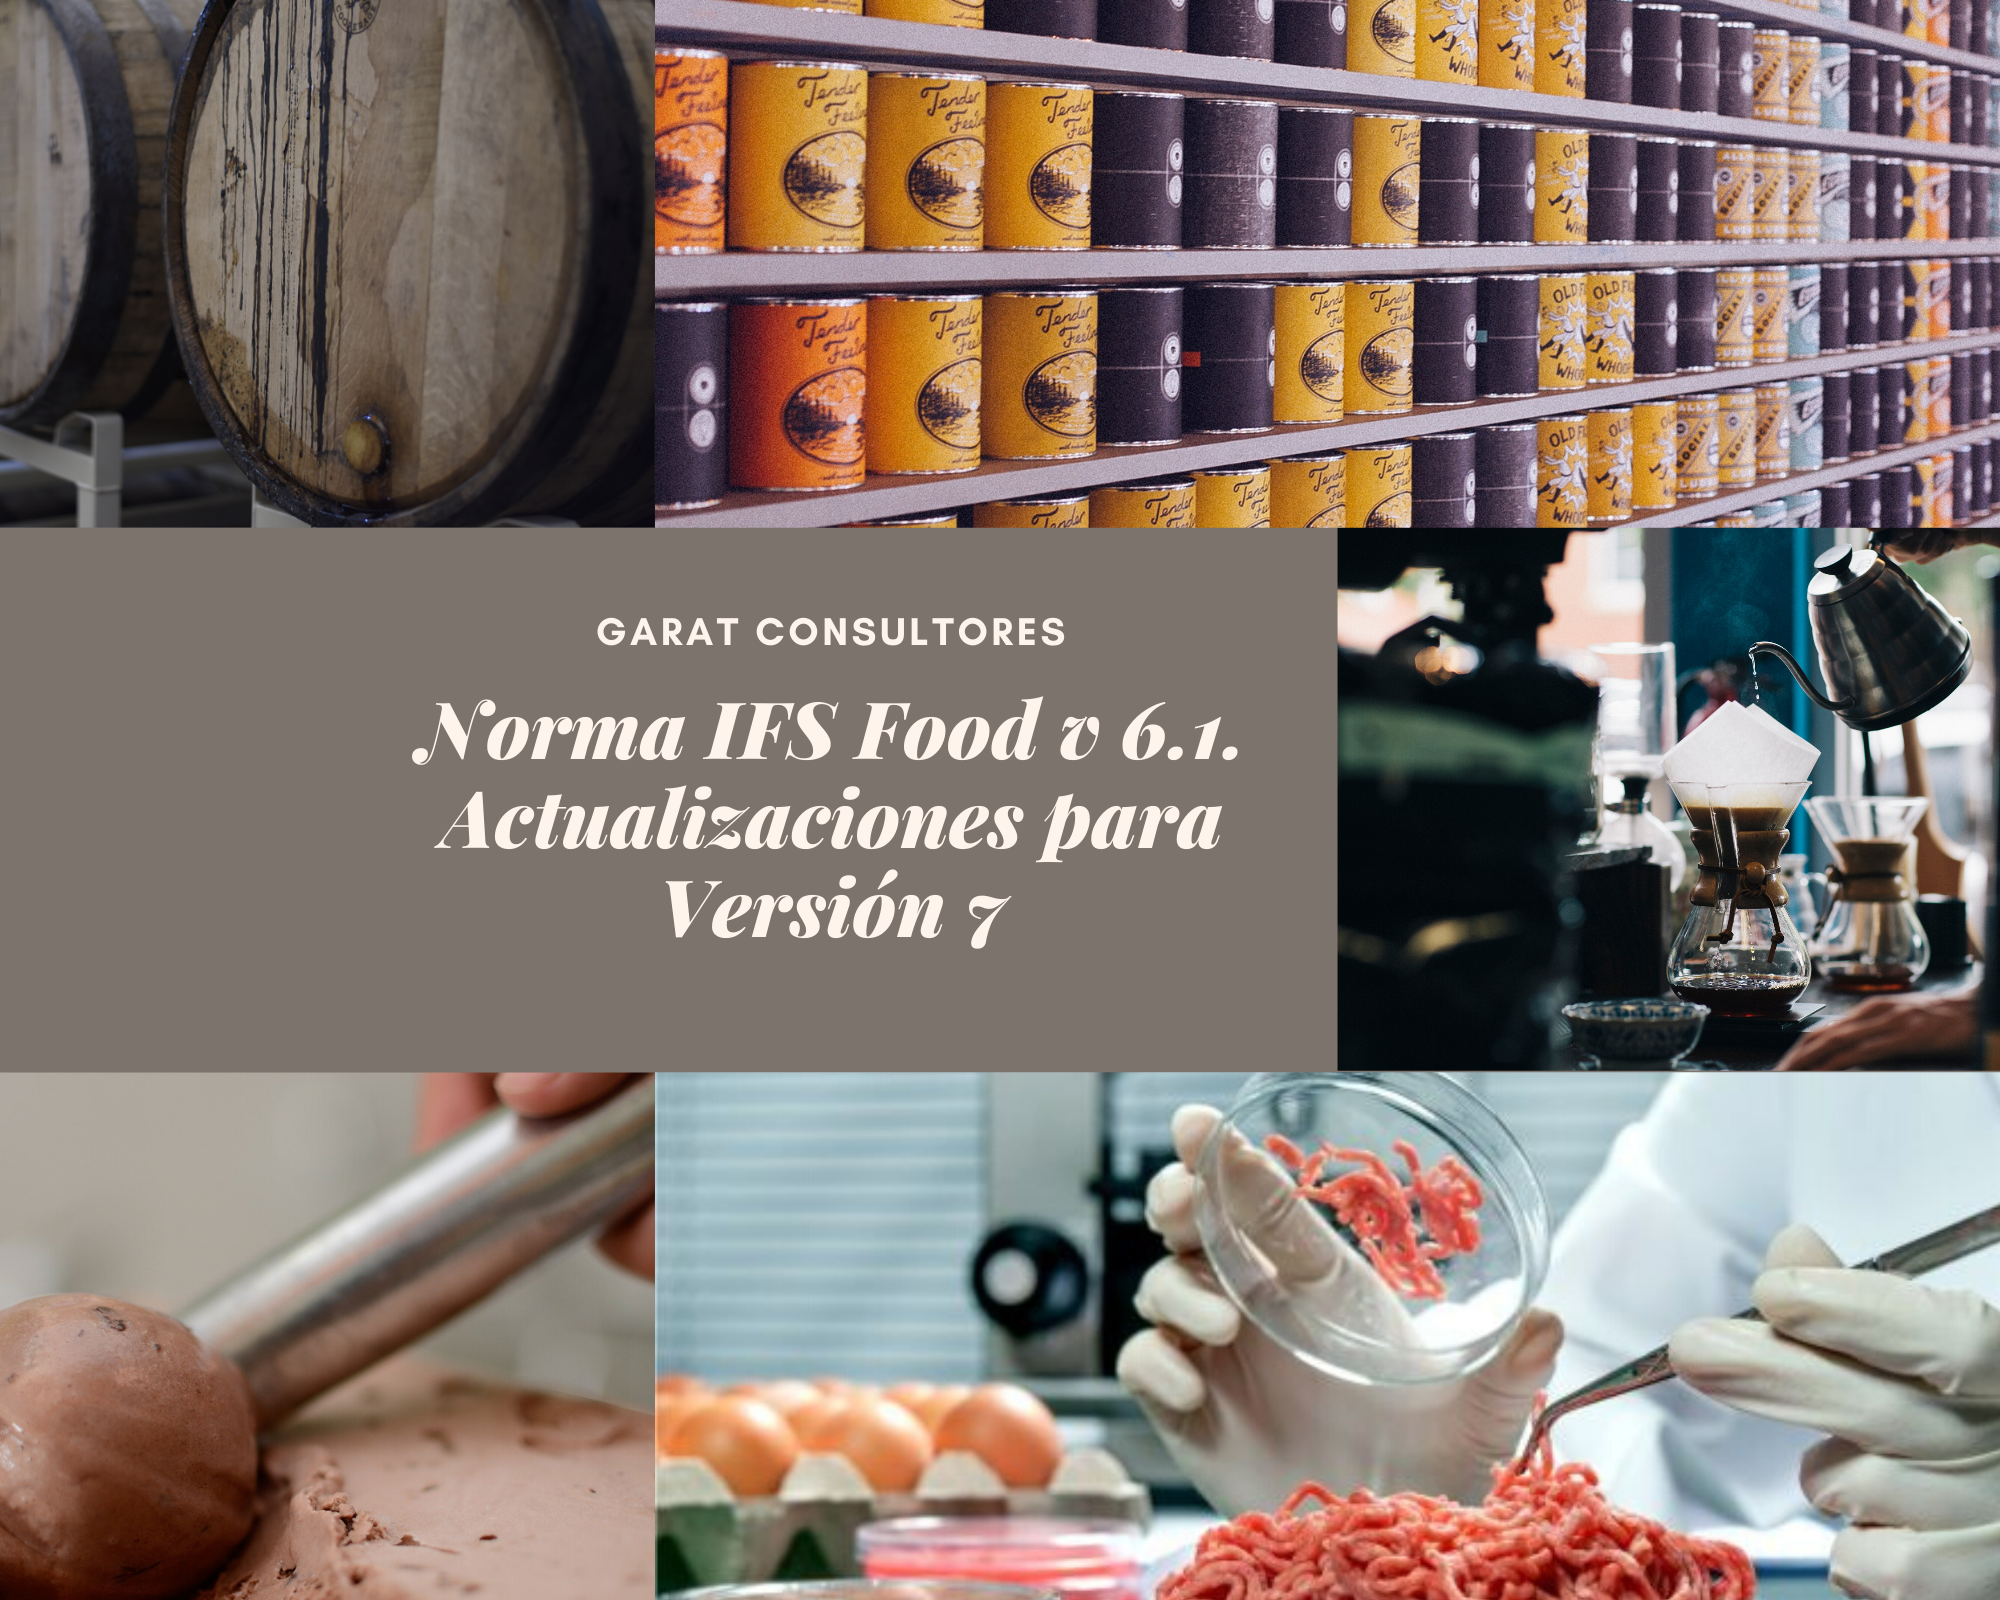 Norma IFS Food v 6.1. Actualizaciones para Versión 7